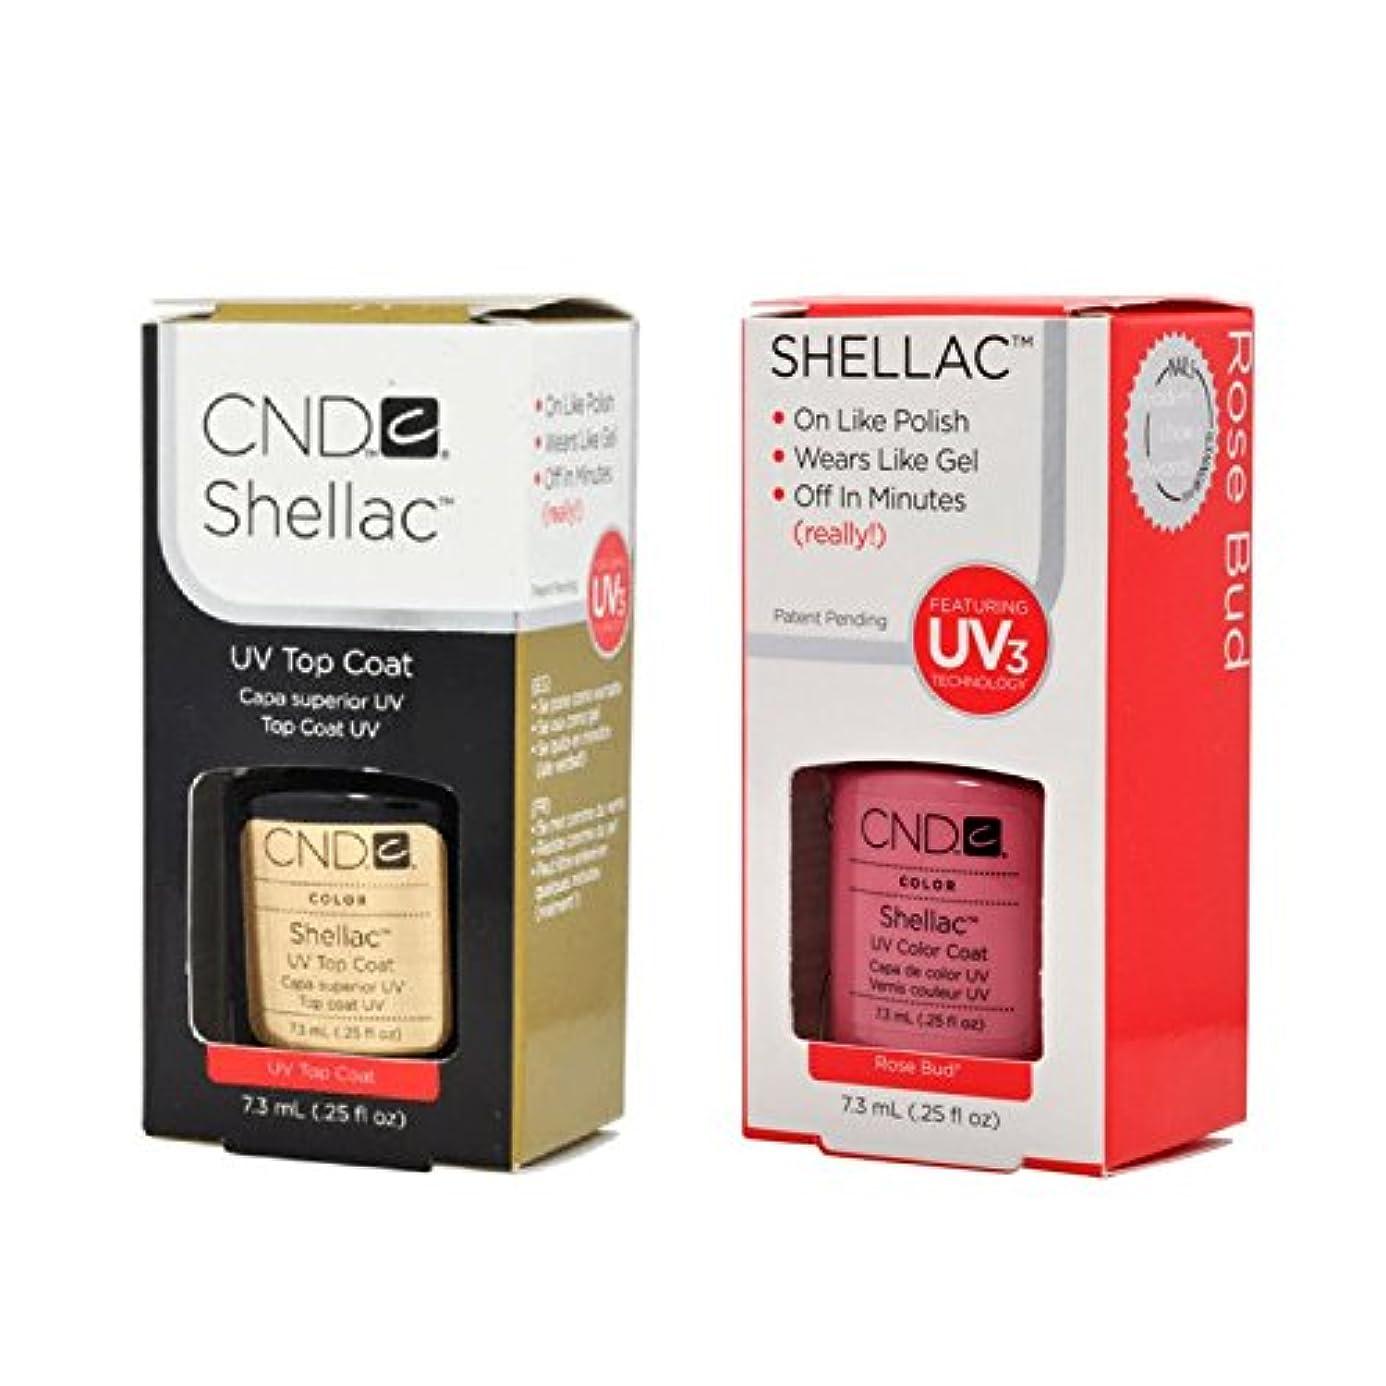 靄大気特殊CND Shellac UVトップコート 7.3m l  &  UV カラーコー< Rose Bud>7.3ml [海外直送品]